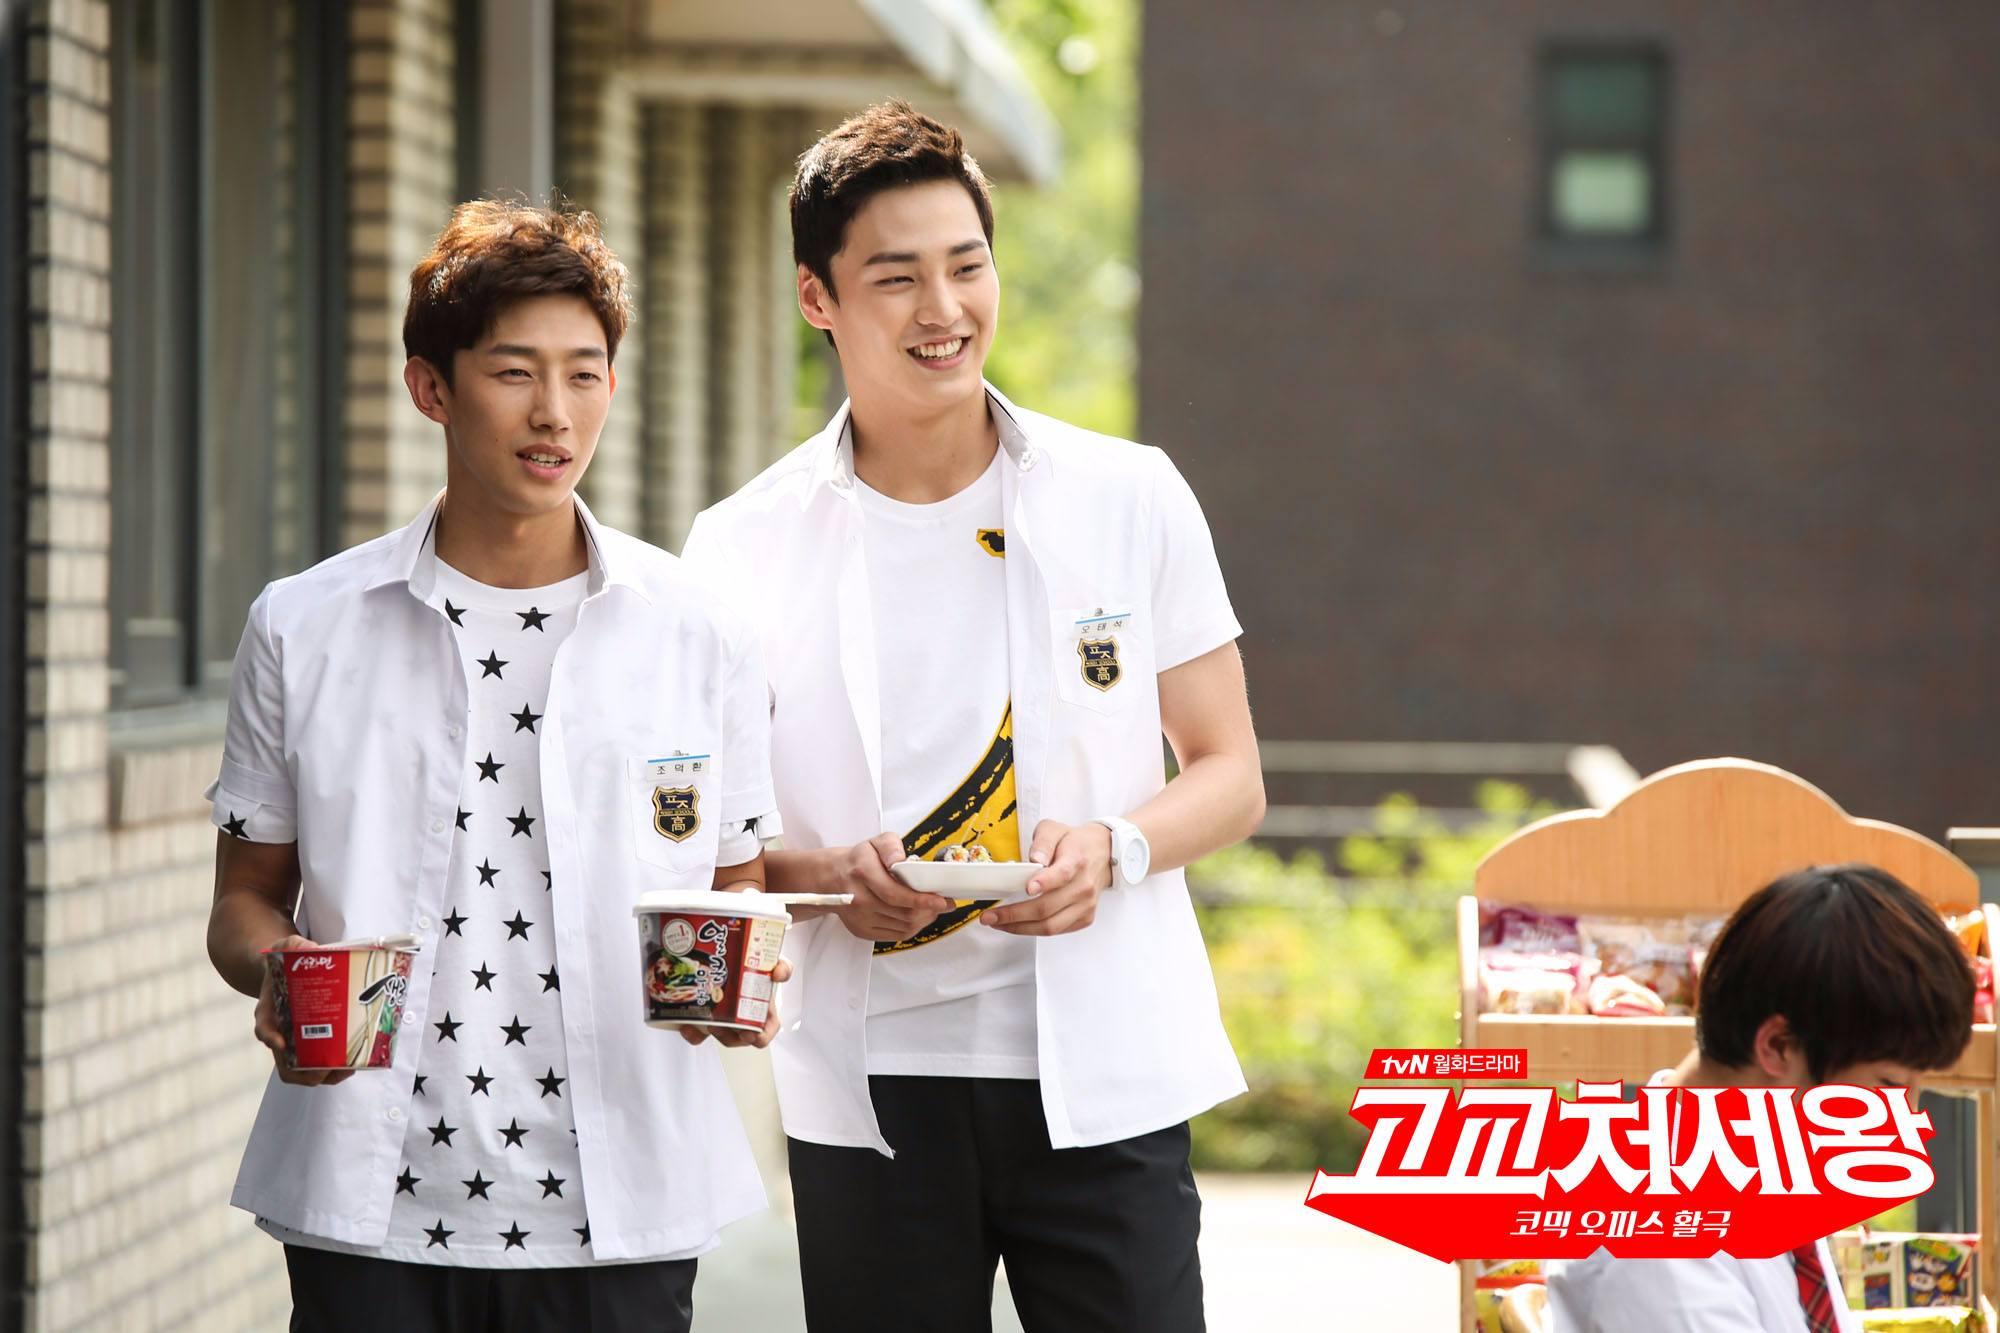 同年還客串了tvN播出的古裝劇《三劍客》,之後在由千正明、金所炫主演的《Reset》中,則是演出了監獄醫生的角色。